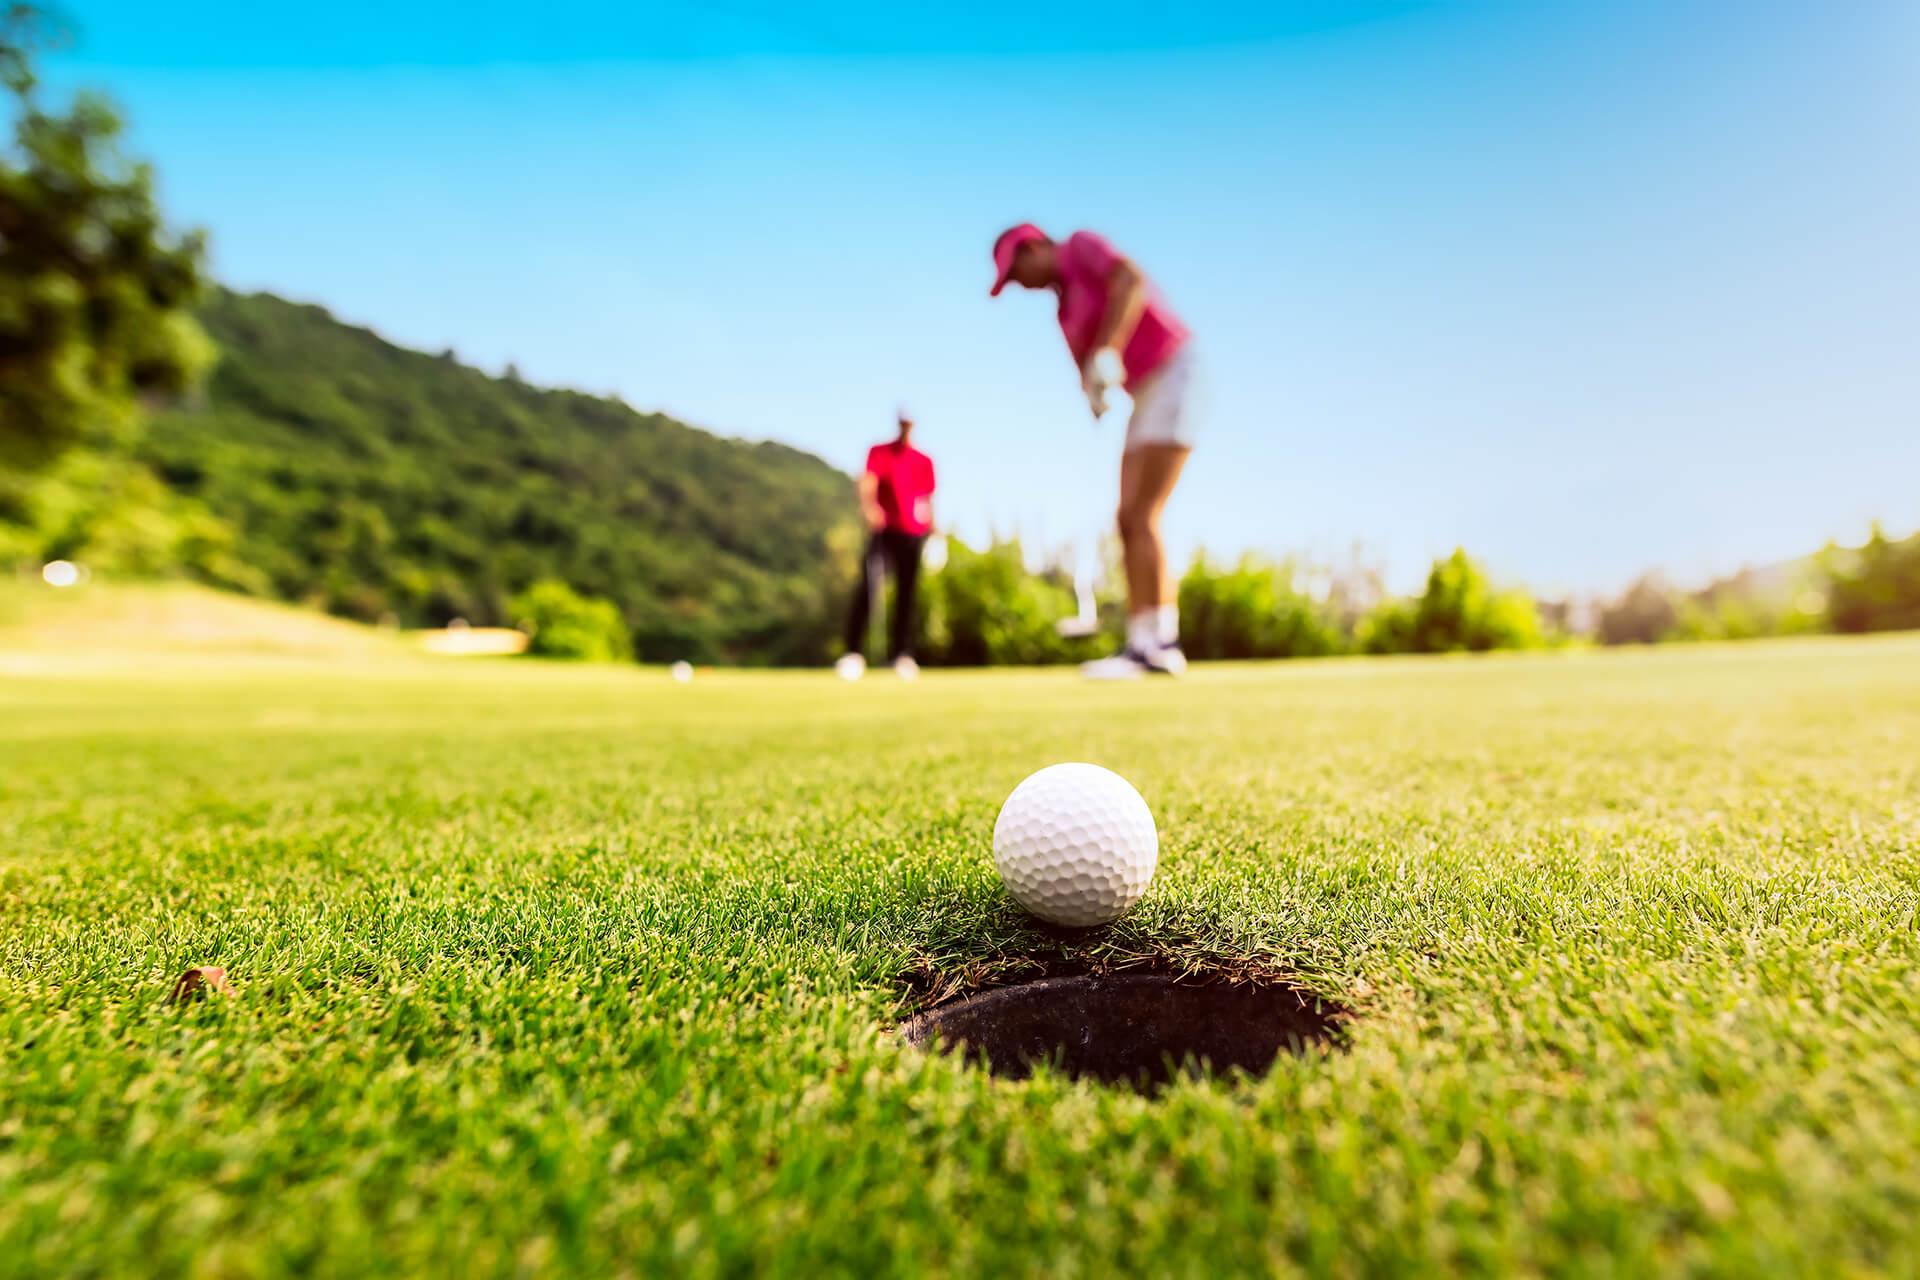 AGI Concepts - Artificial Golf Greens